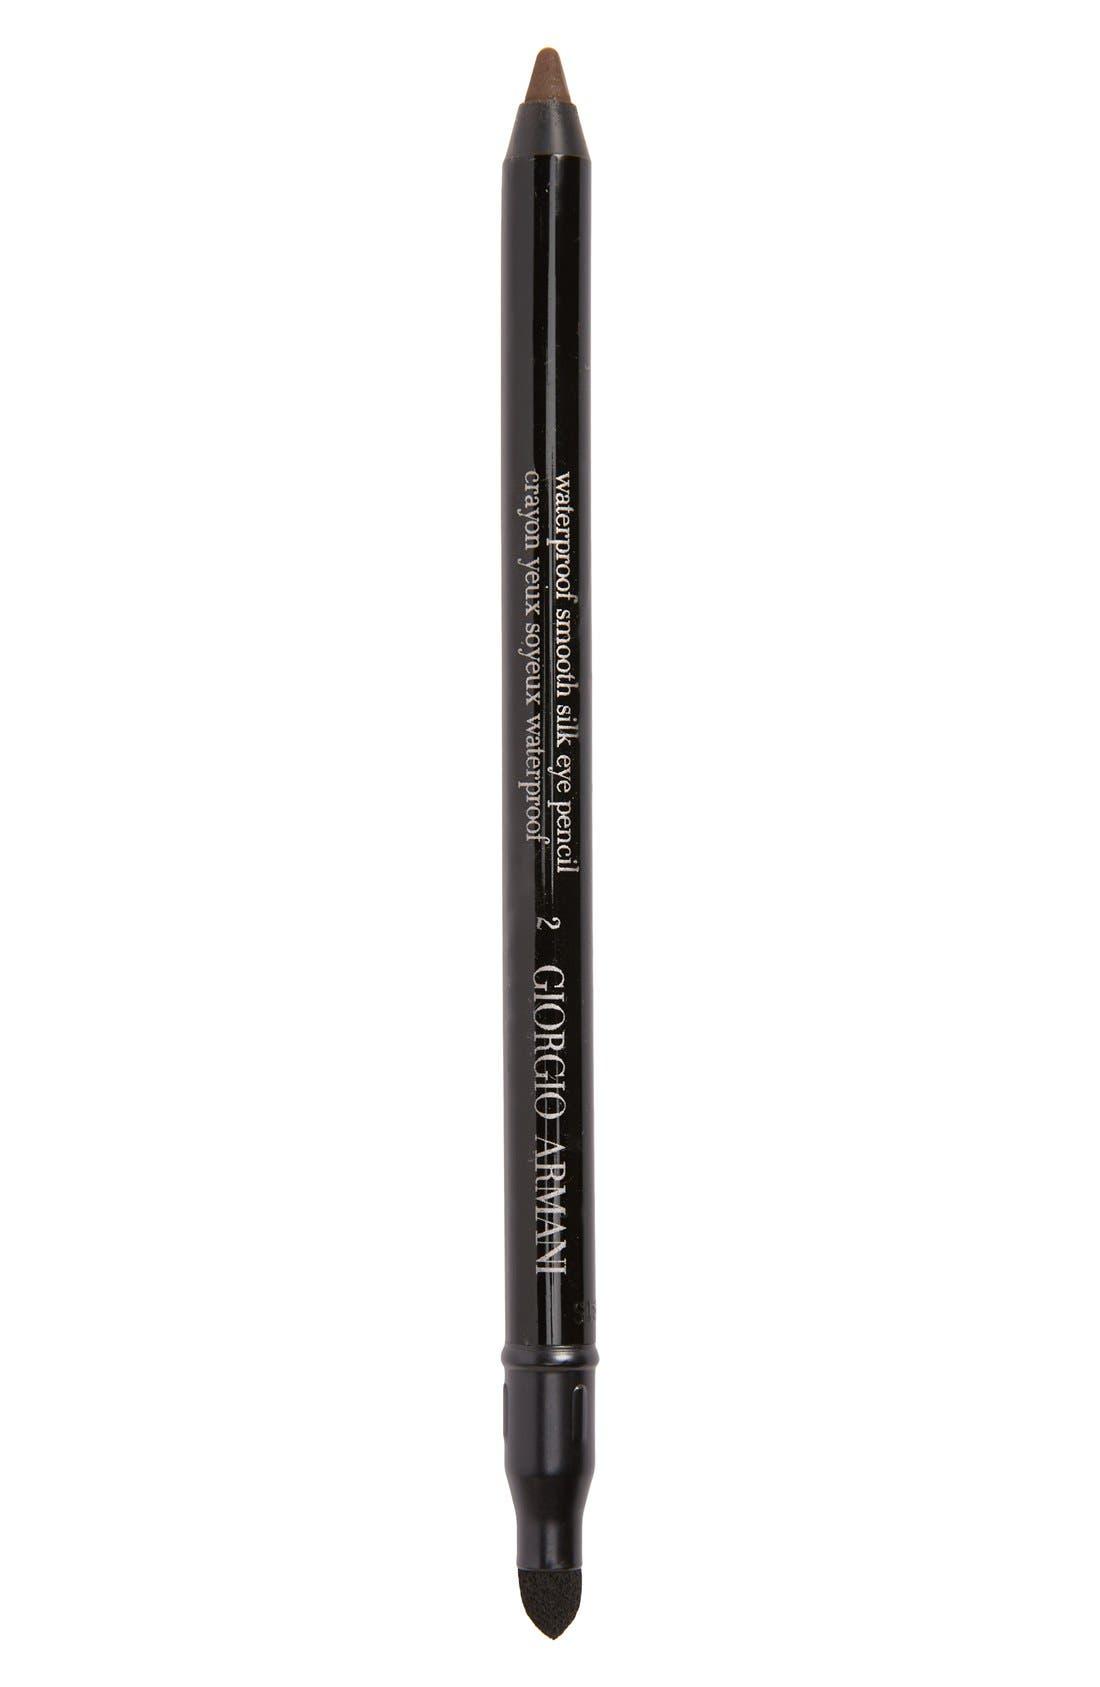 'Eyes to Kill' Waterproof Eye Pencil,                         Main,                         color, #2 BROWN